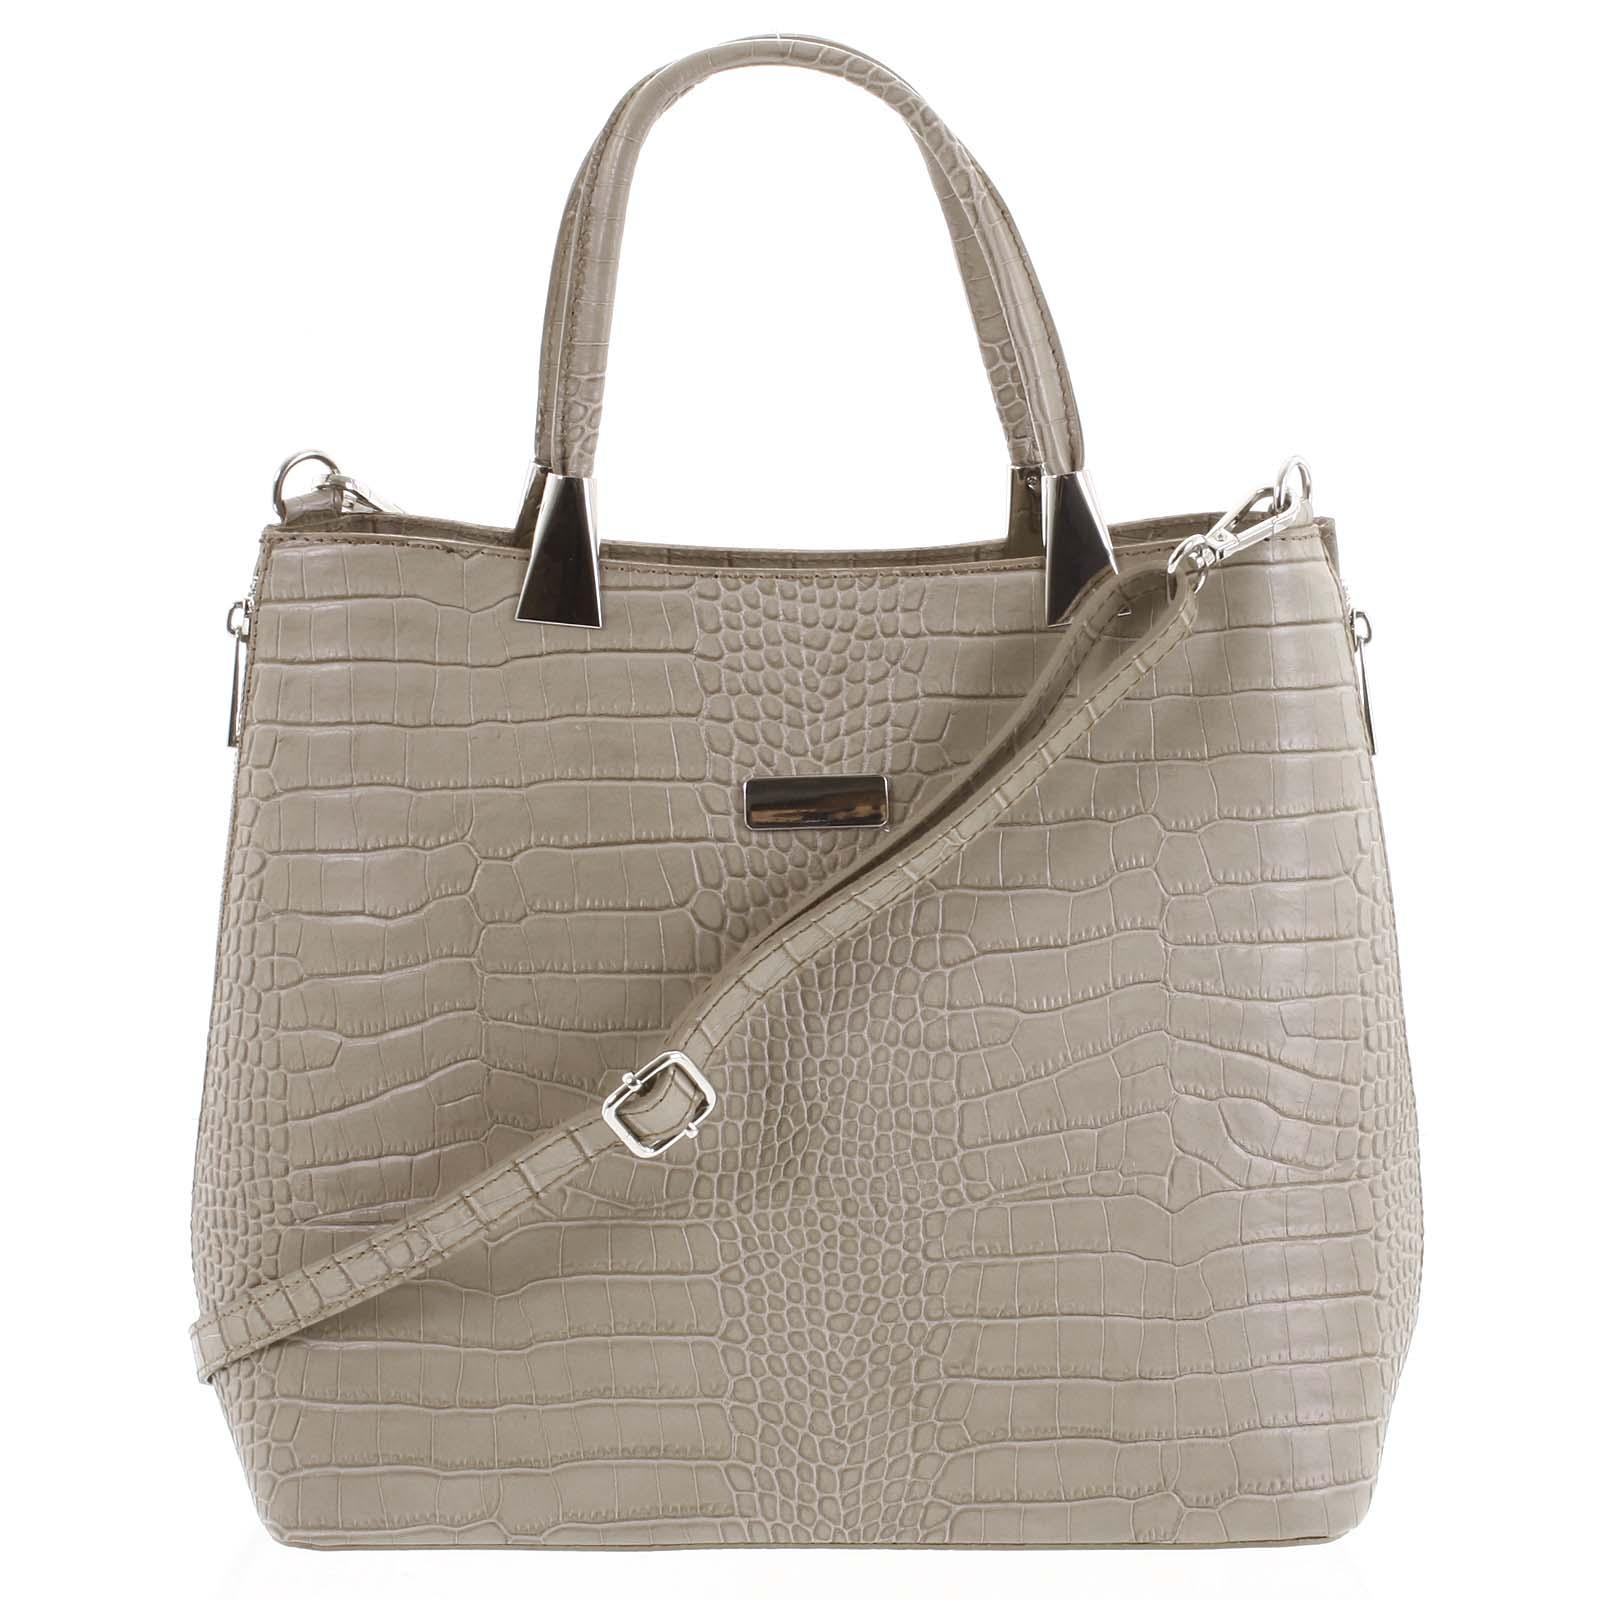 Luxusní dámská kožená kabelka taupe - ItalY Marion